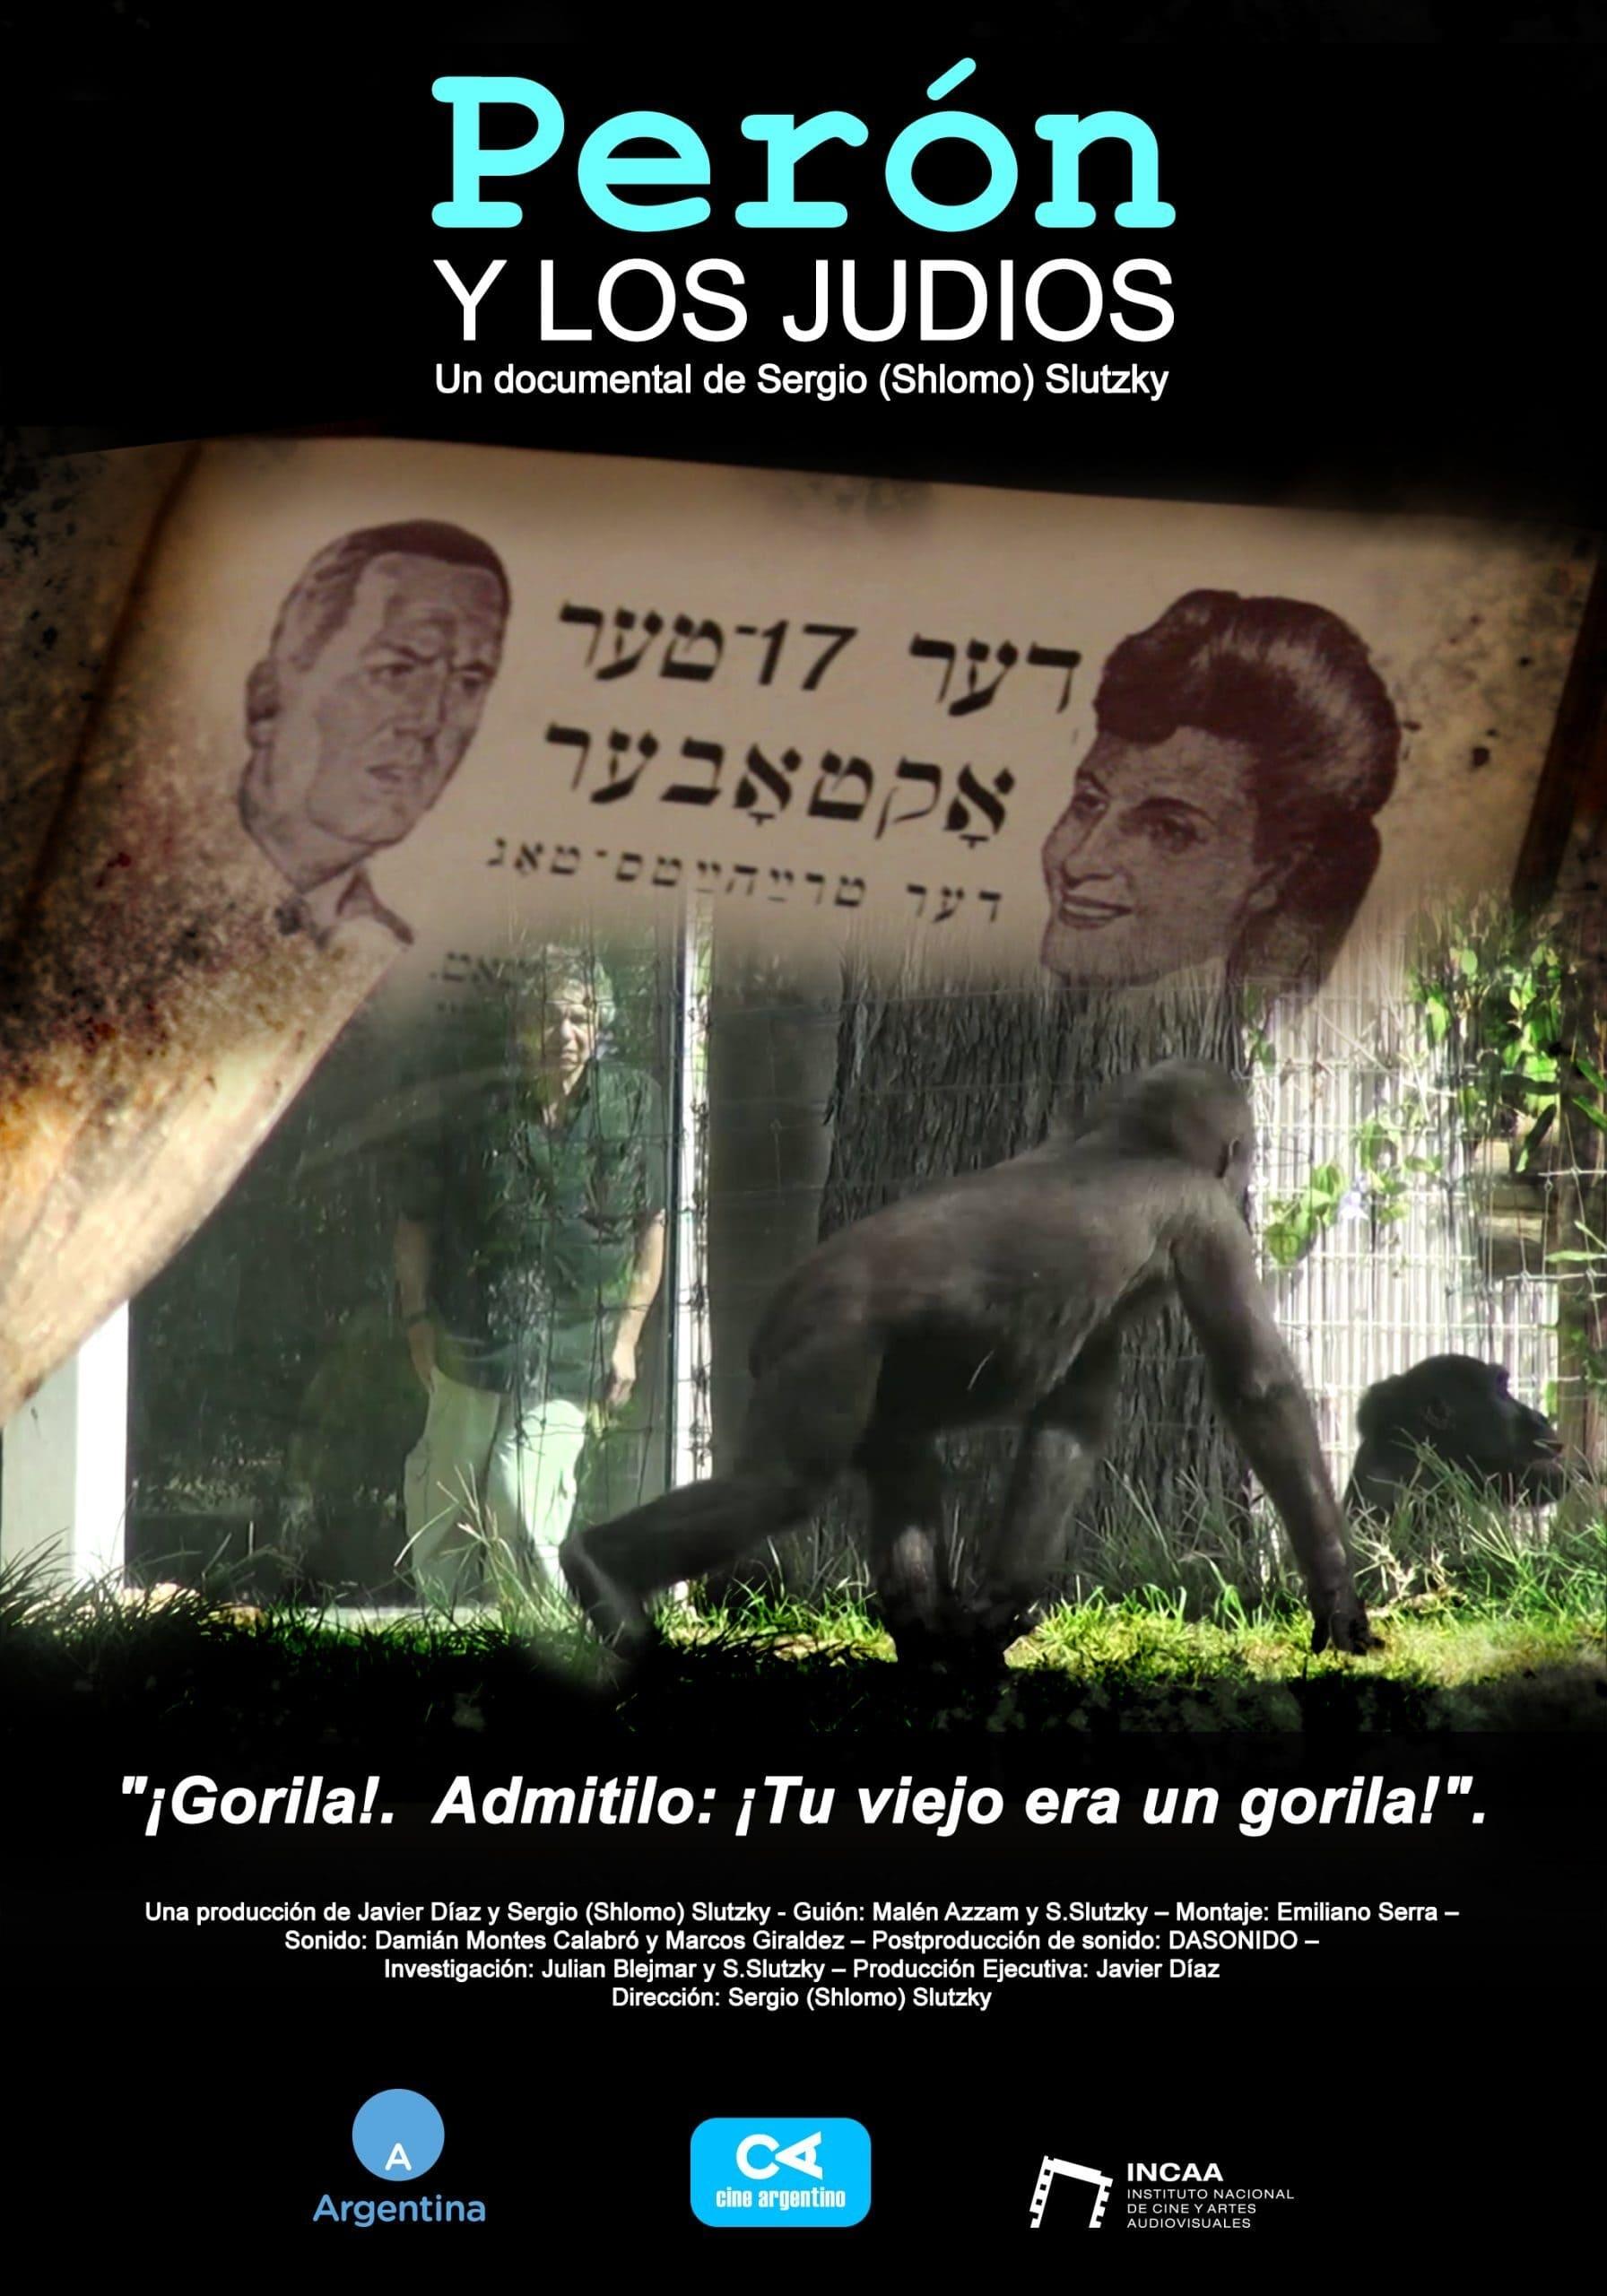 Perón y los judíos